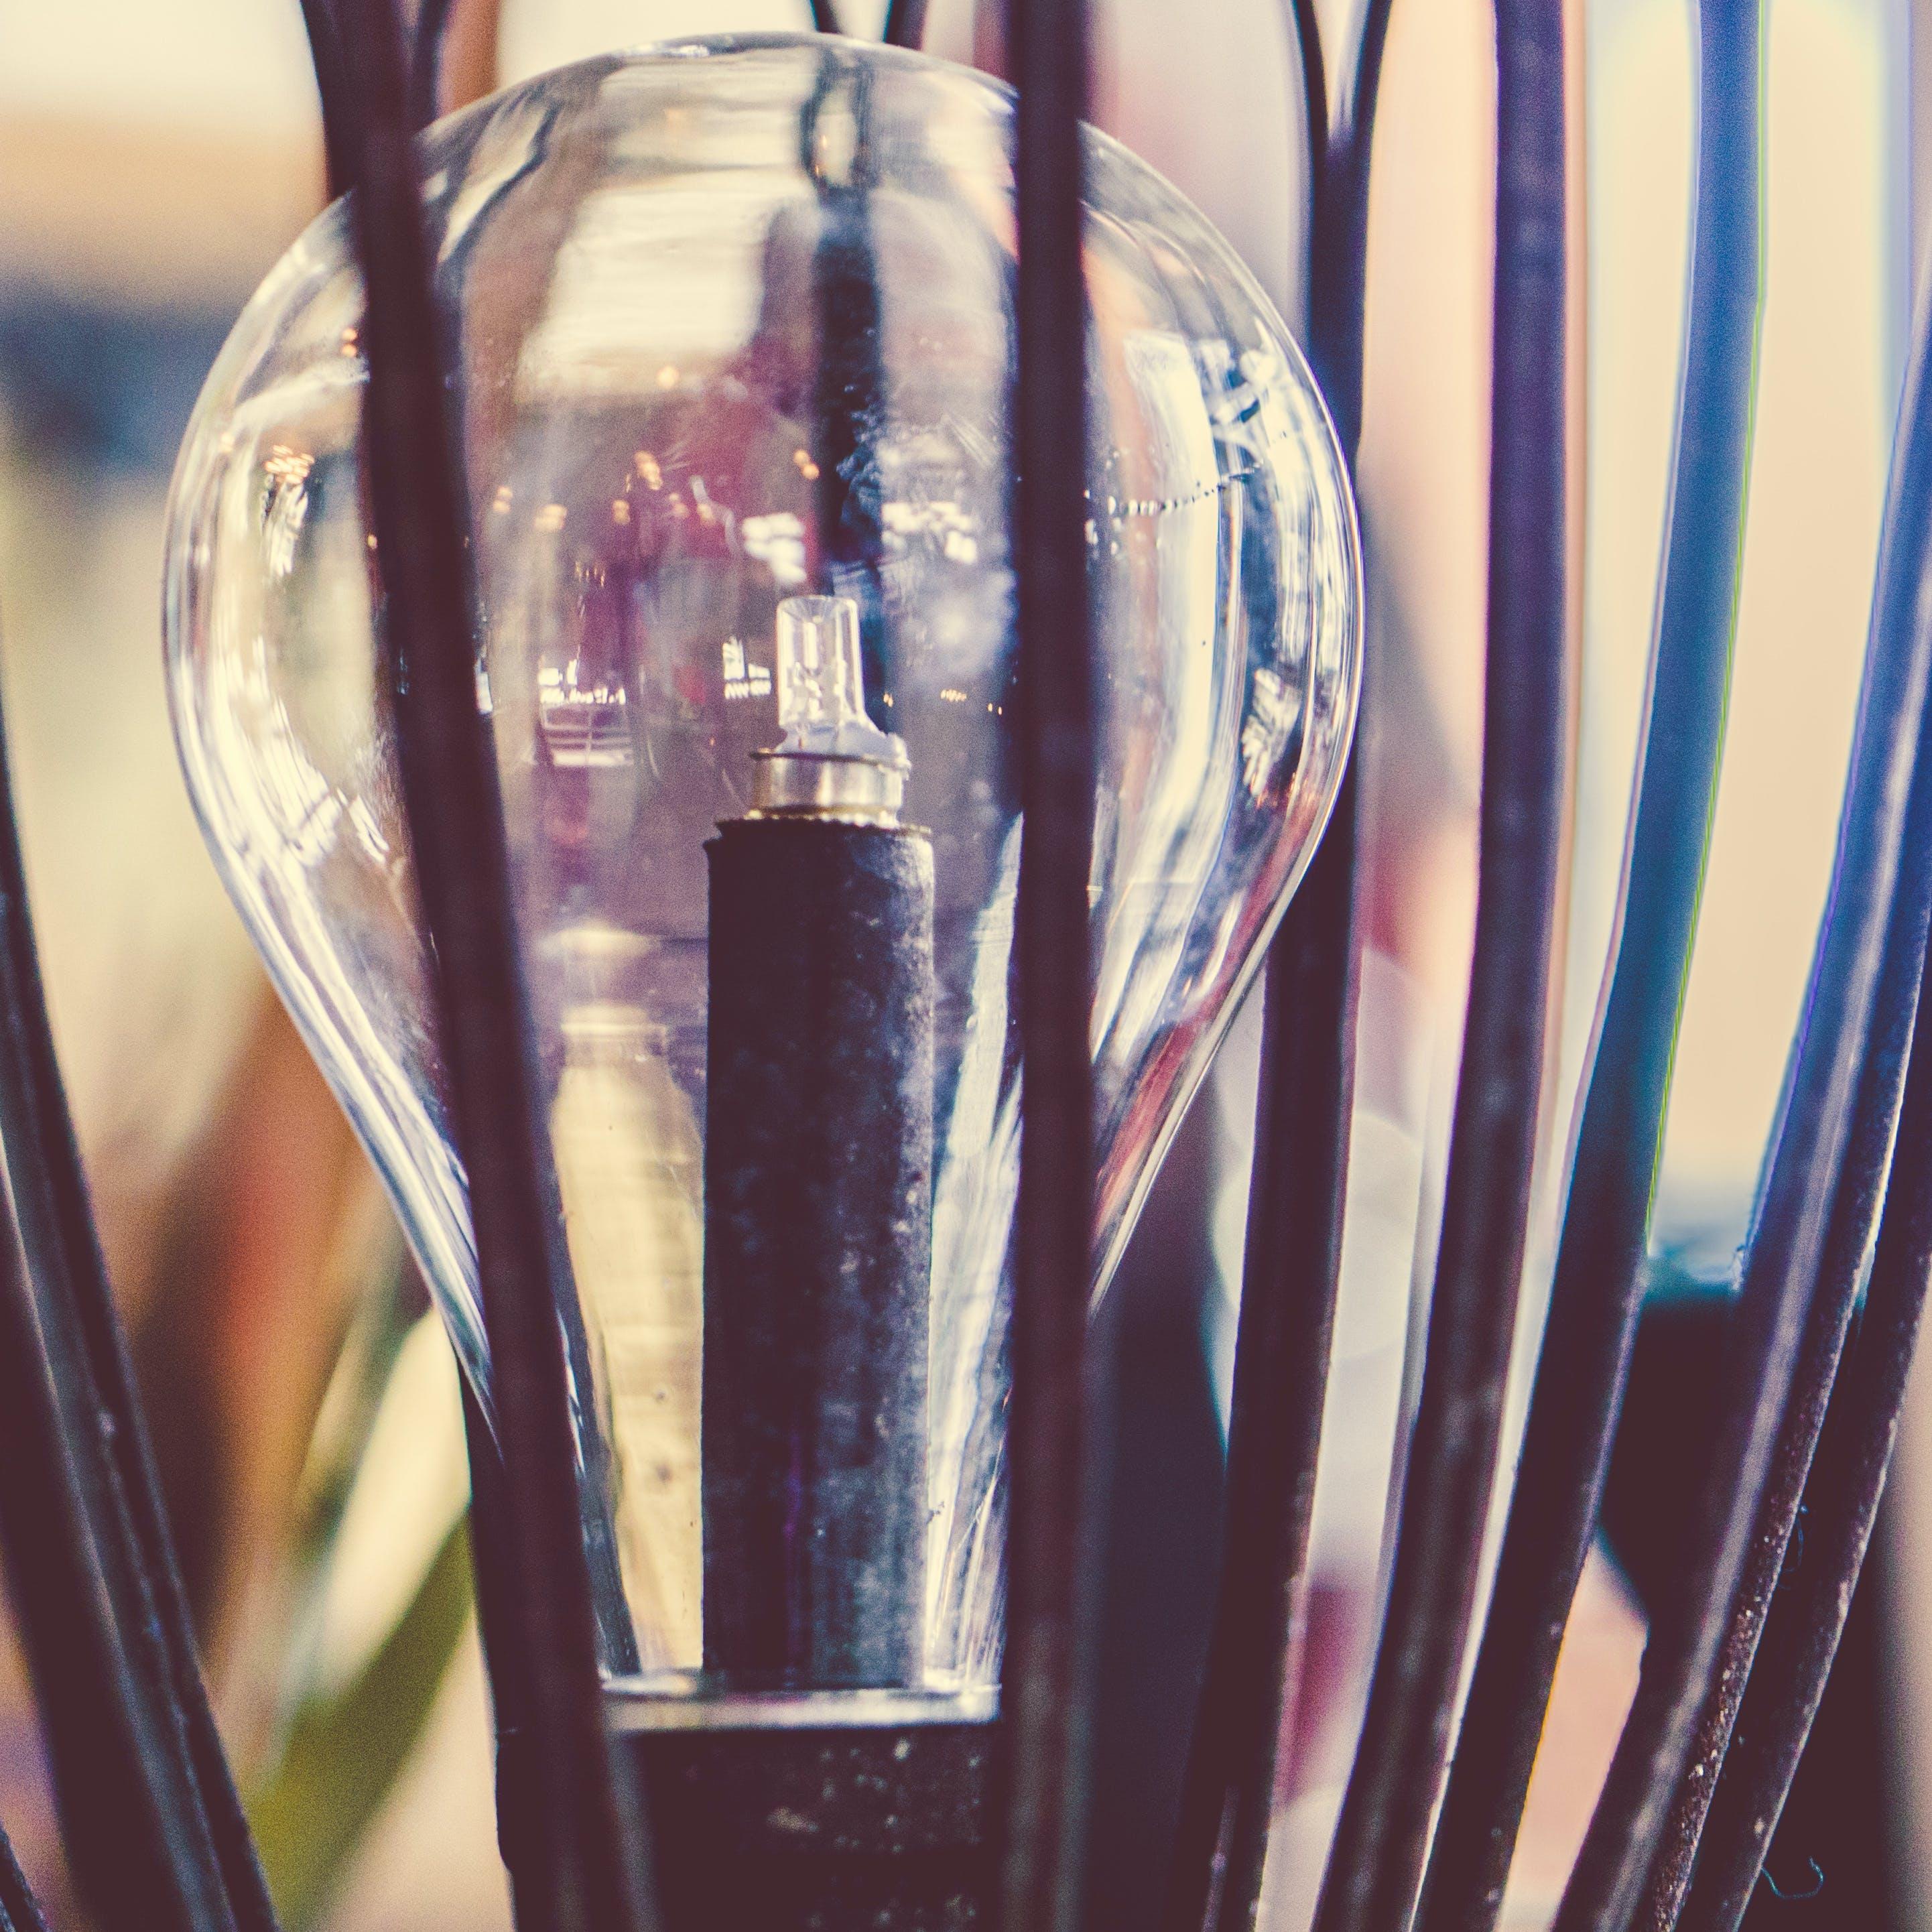 Kostenloses Stock Foto zu die glühbirne, glas, glaskolben, glühbirne